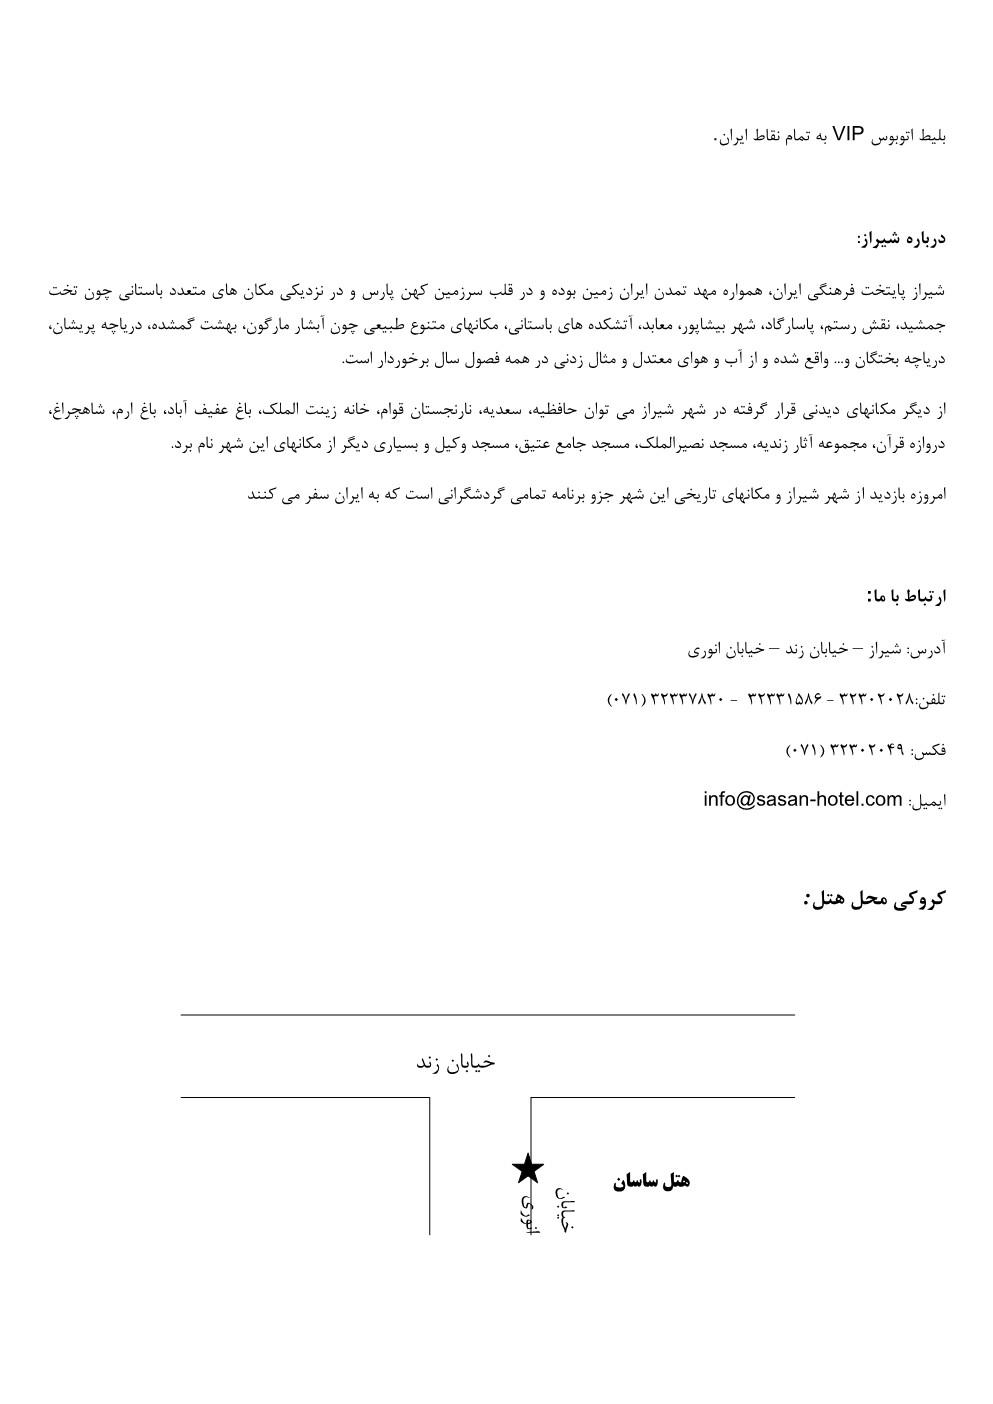 مشخصات هتل ساسان شیراز2